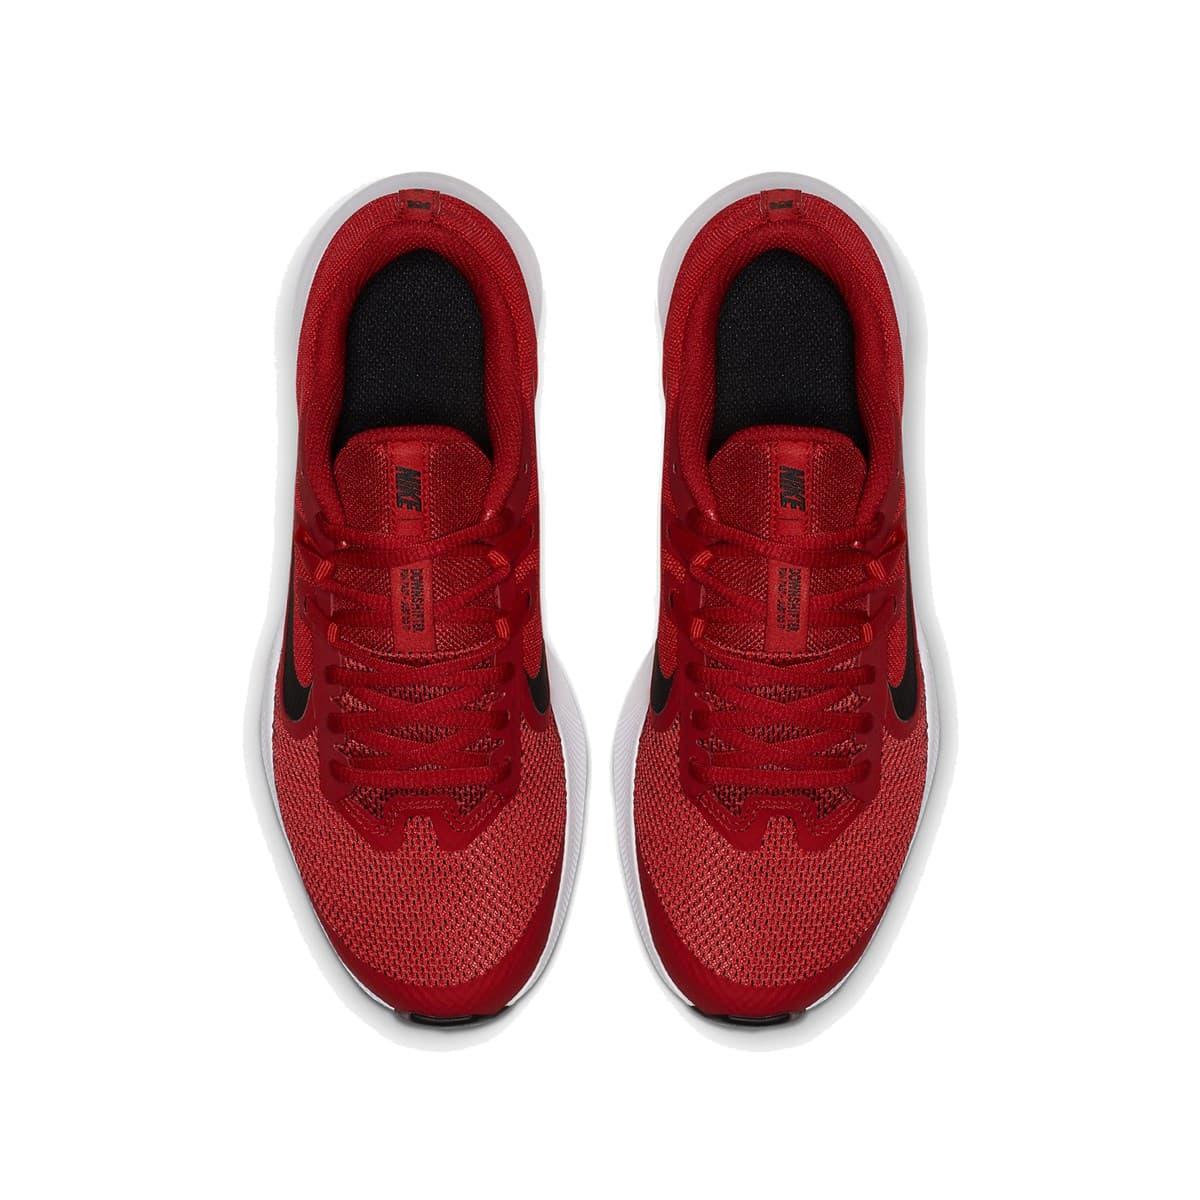 Downshifter 9 Kadın Kırmızı Koşu Ayakkabısı